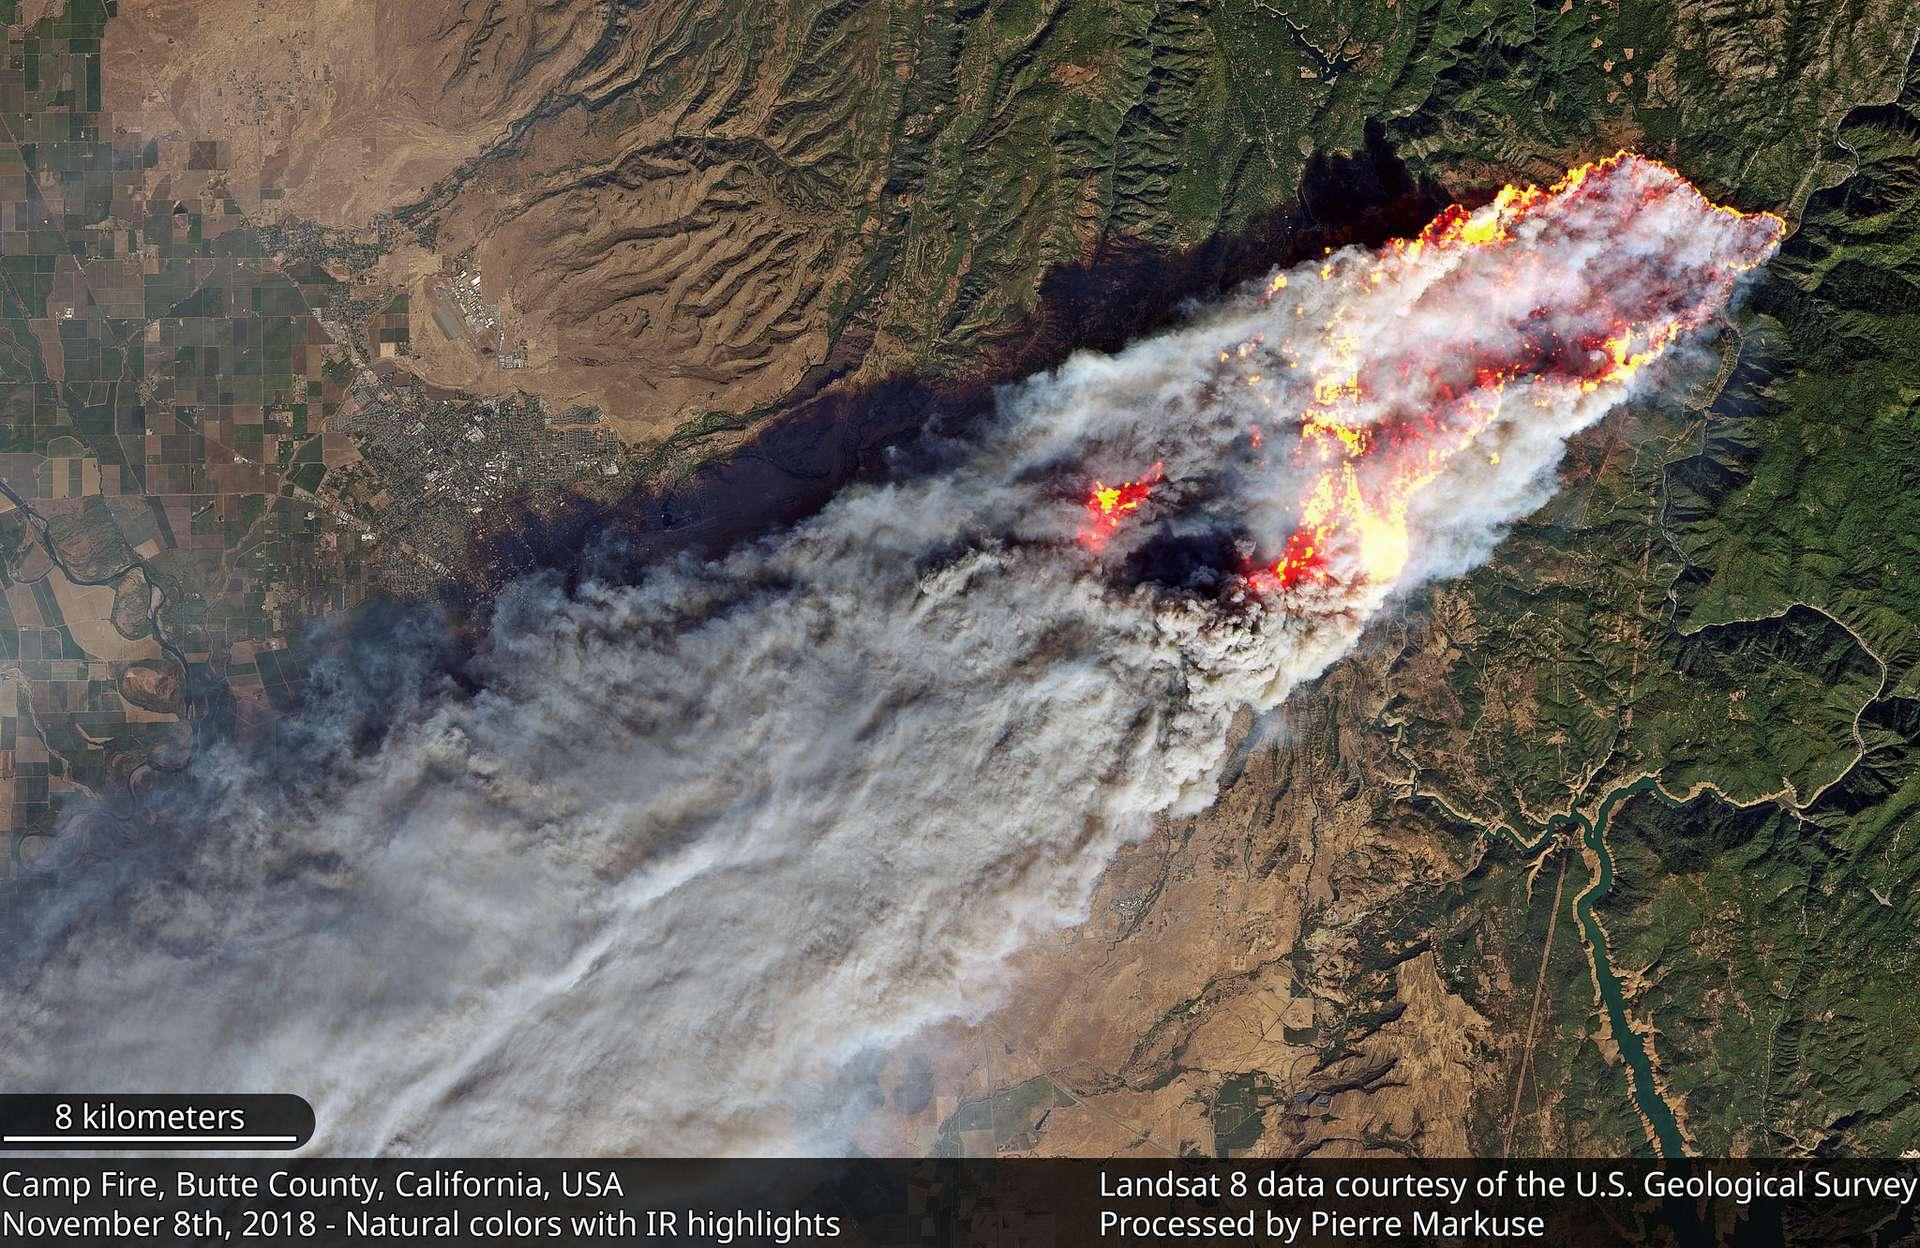 Des incendies meurtriers ravagent la Californie, comme ici le « Camp Fire » dans le nord de l'État vu le 8 novembre par le satellite Landsat 8 de la Nasa et de l'US Geological Survey (USGS). © Pierre Markuse, Flickr, CC By 2.0, USGS